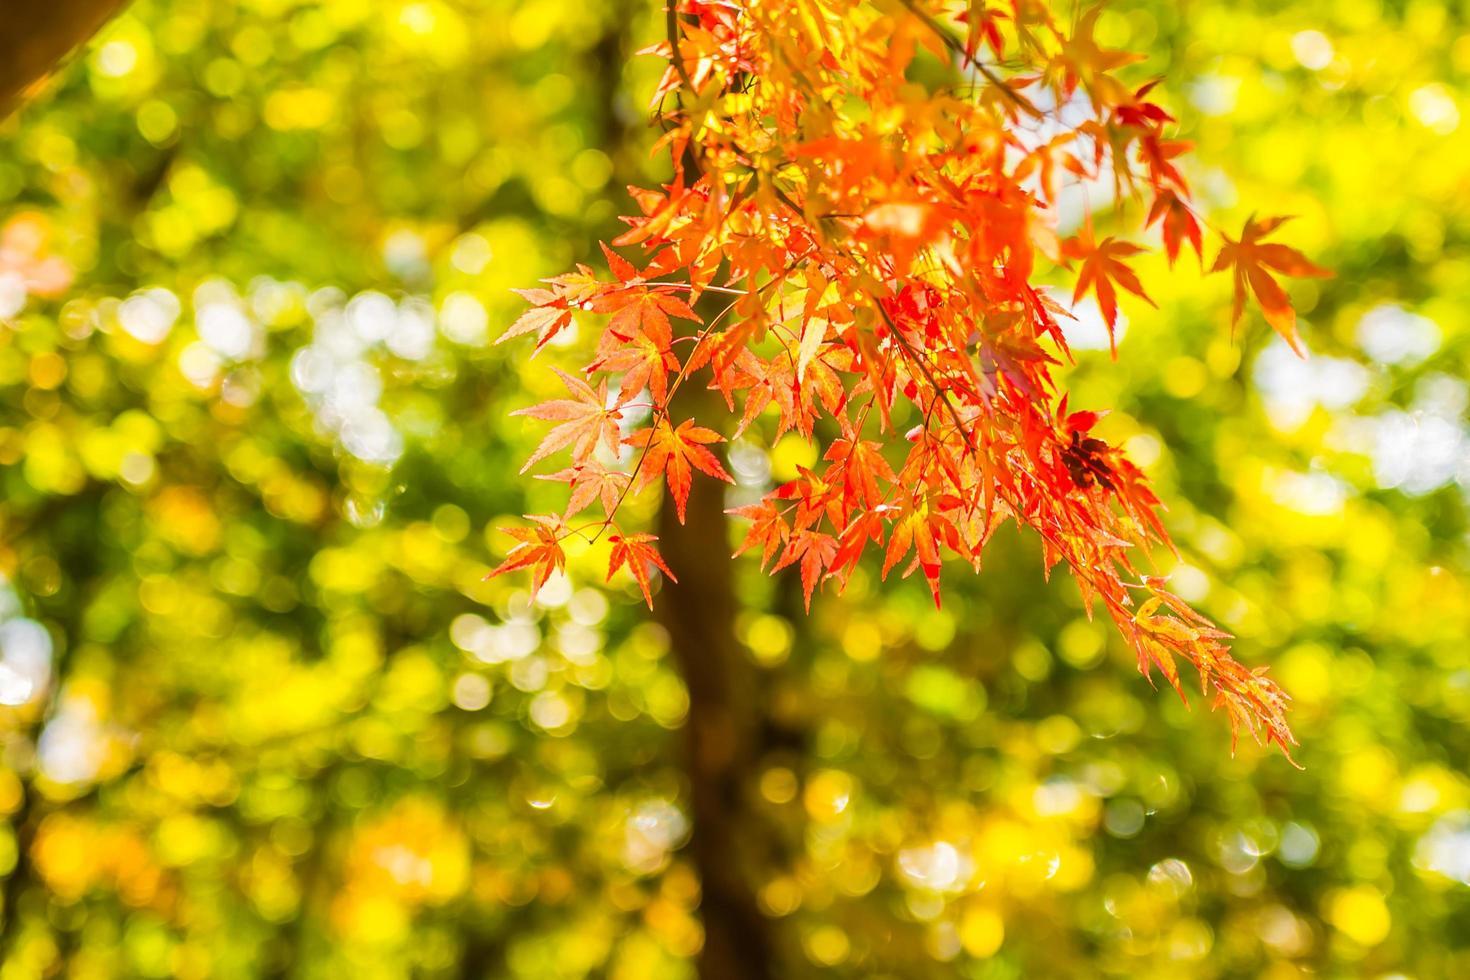 hermosa hoja de arce roja y verde en el árbol foto